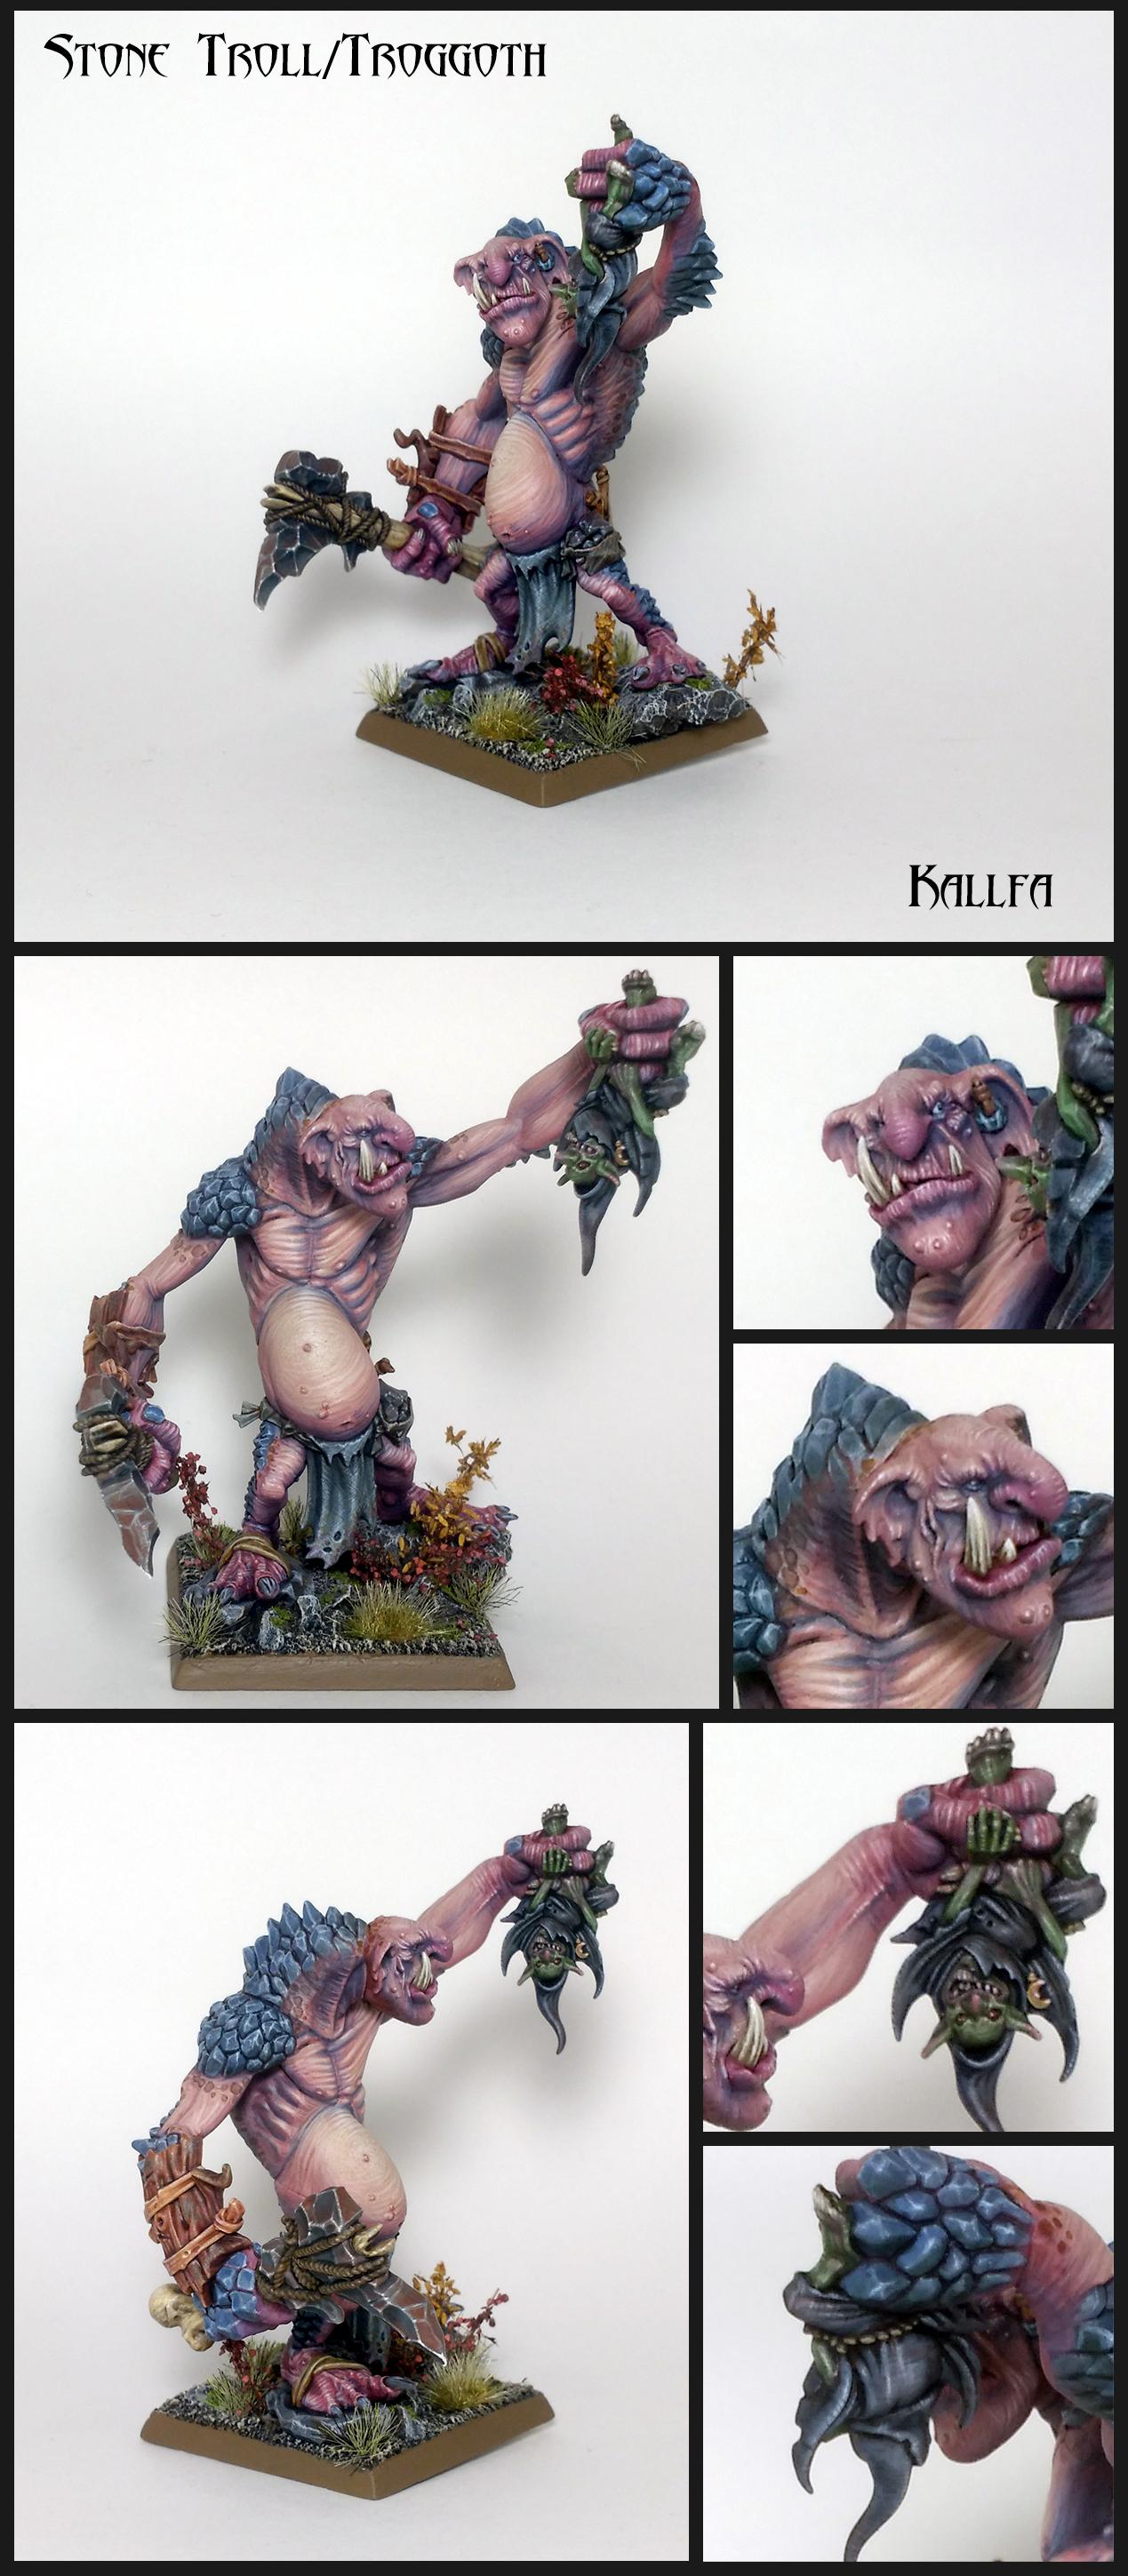 Stone Troll/Rockgut Troggoth